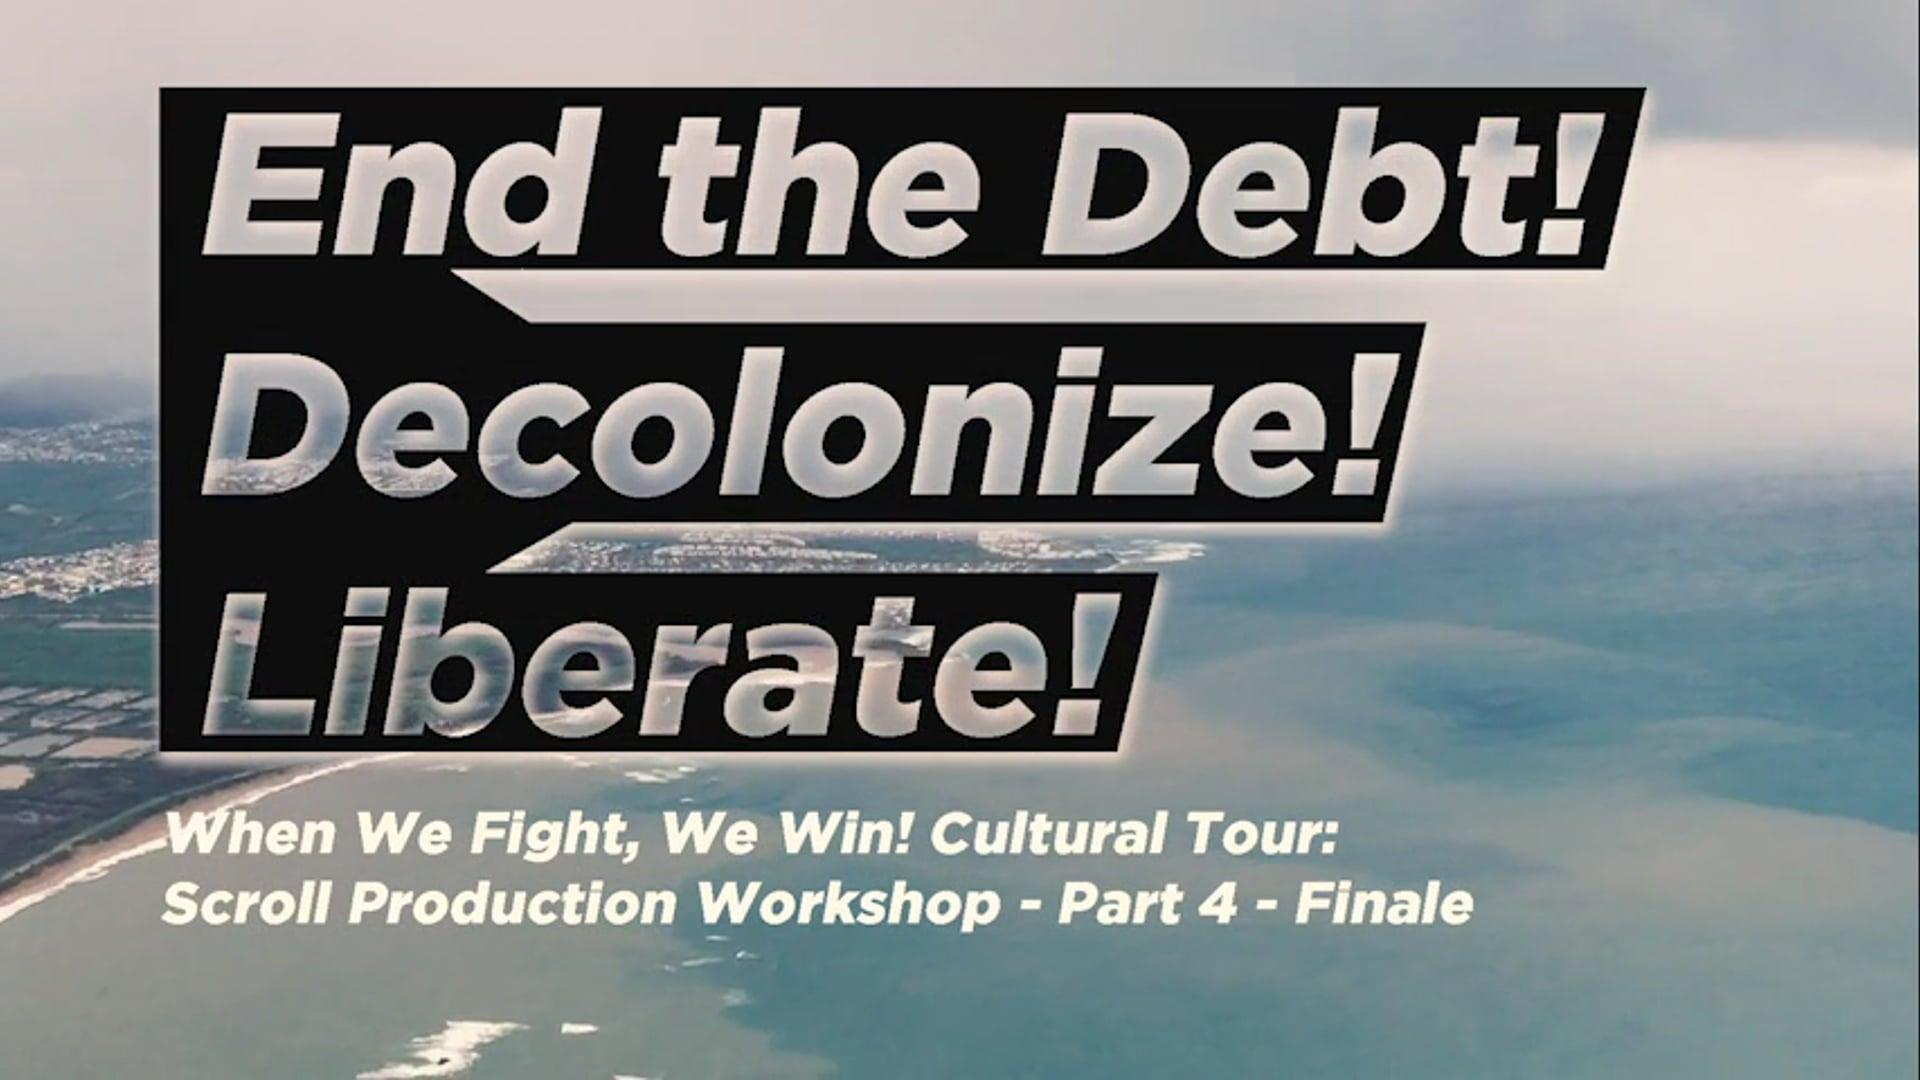 END THE DEBT! DECOLONIZE! LIBERATE!  PART 4 (Finale)